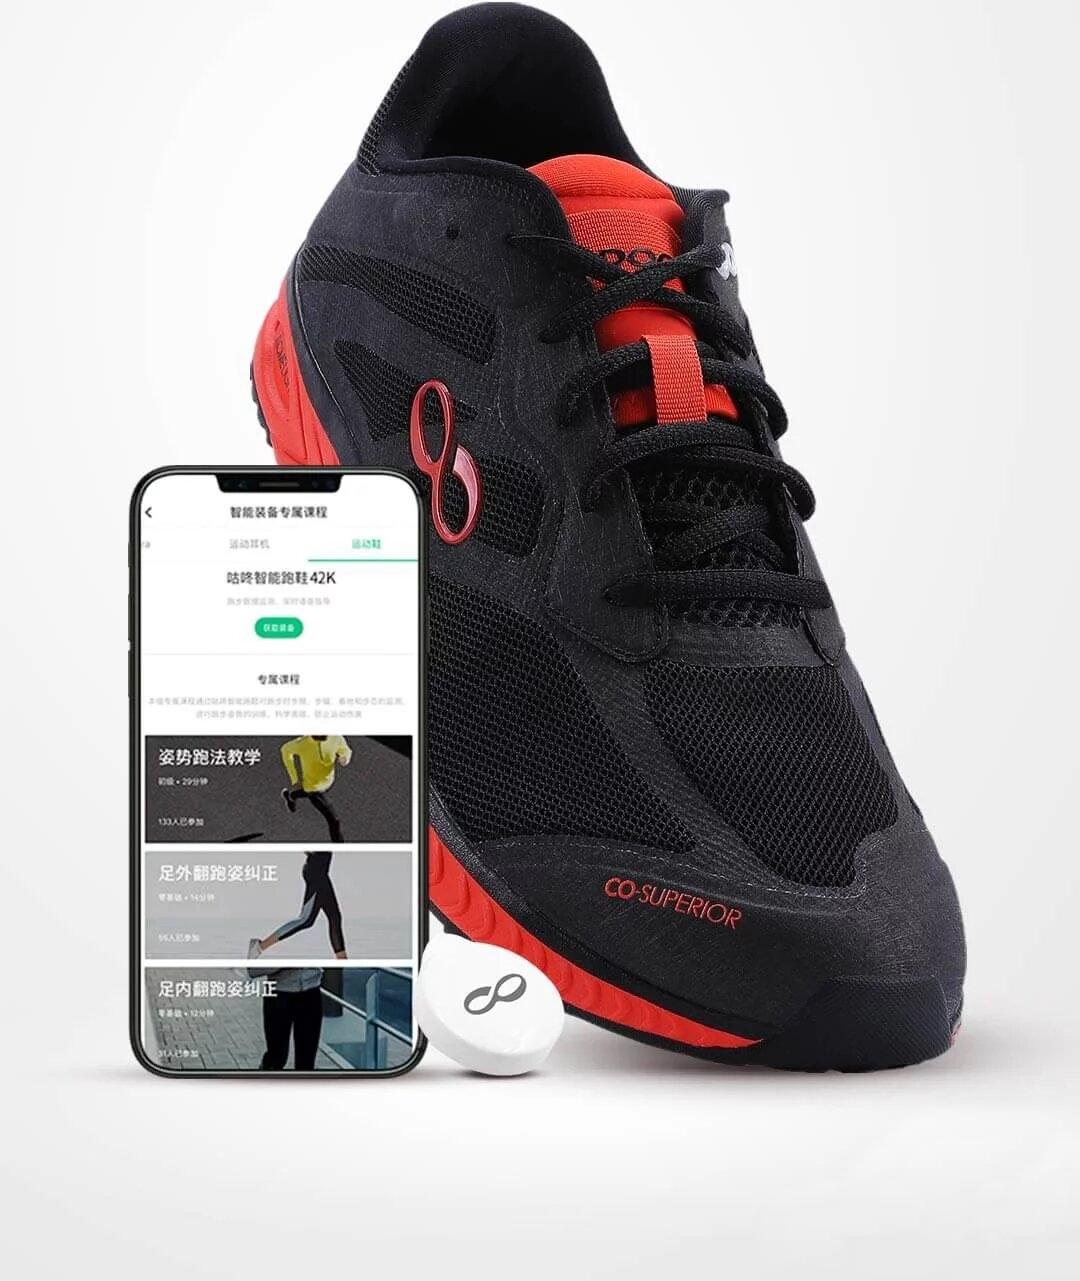 Nuevos zapatos Codoon presentados por Xiaomi